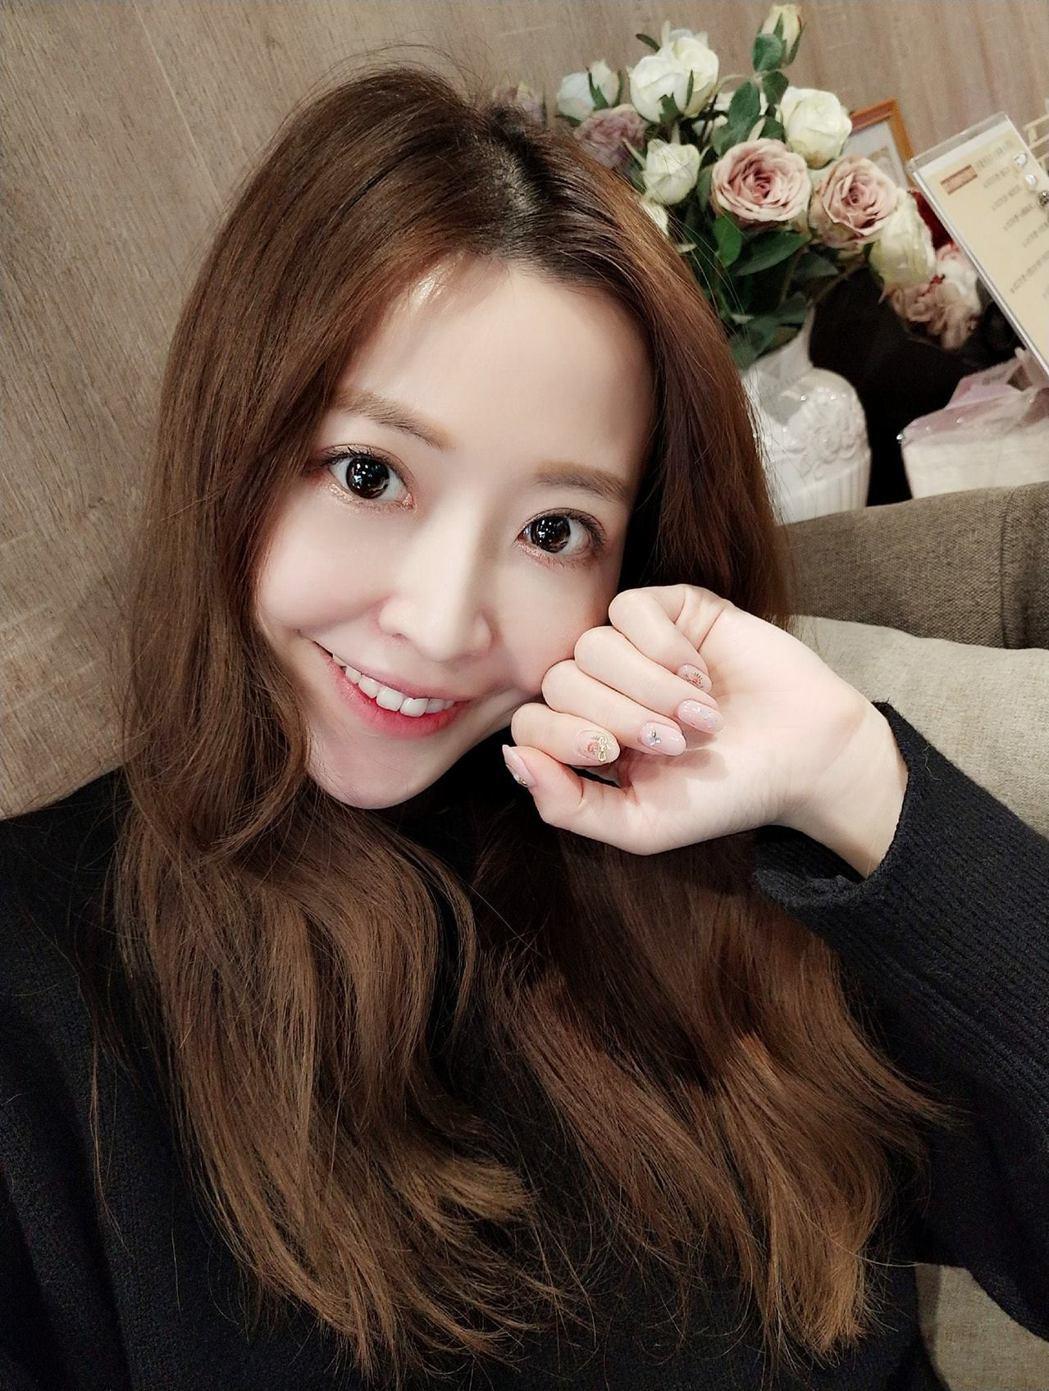 Lucy倪千凌升格成為人妻。 圖/擷自倪千凌臉書